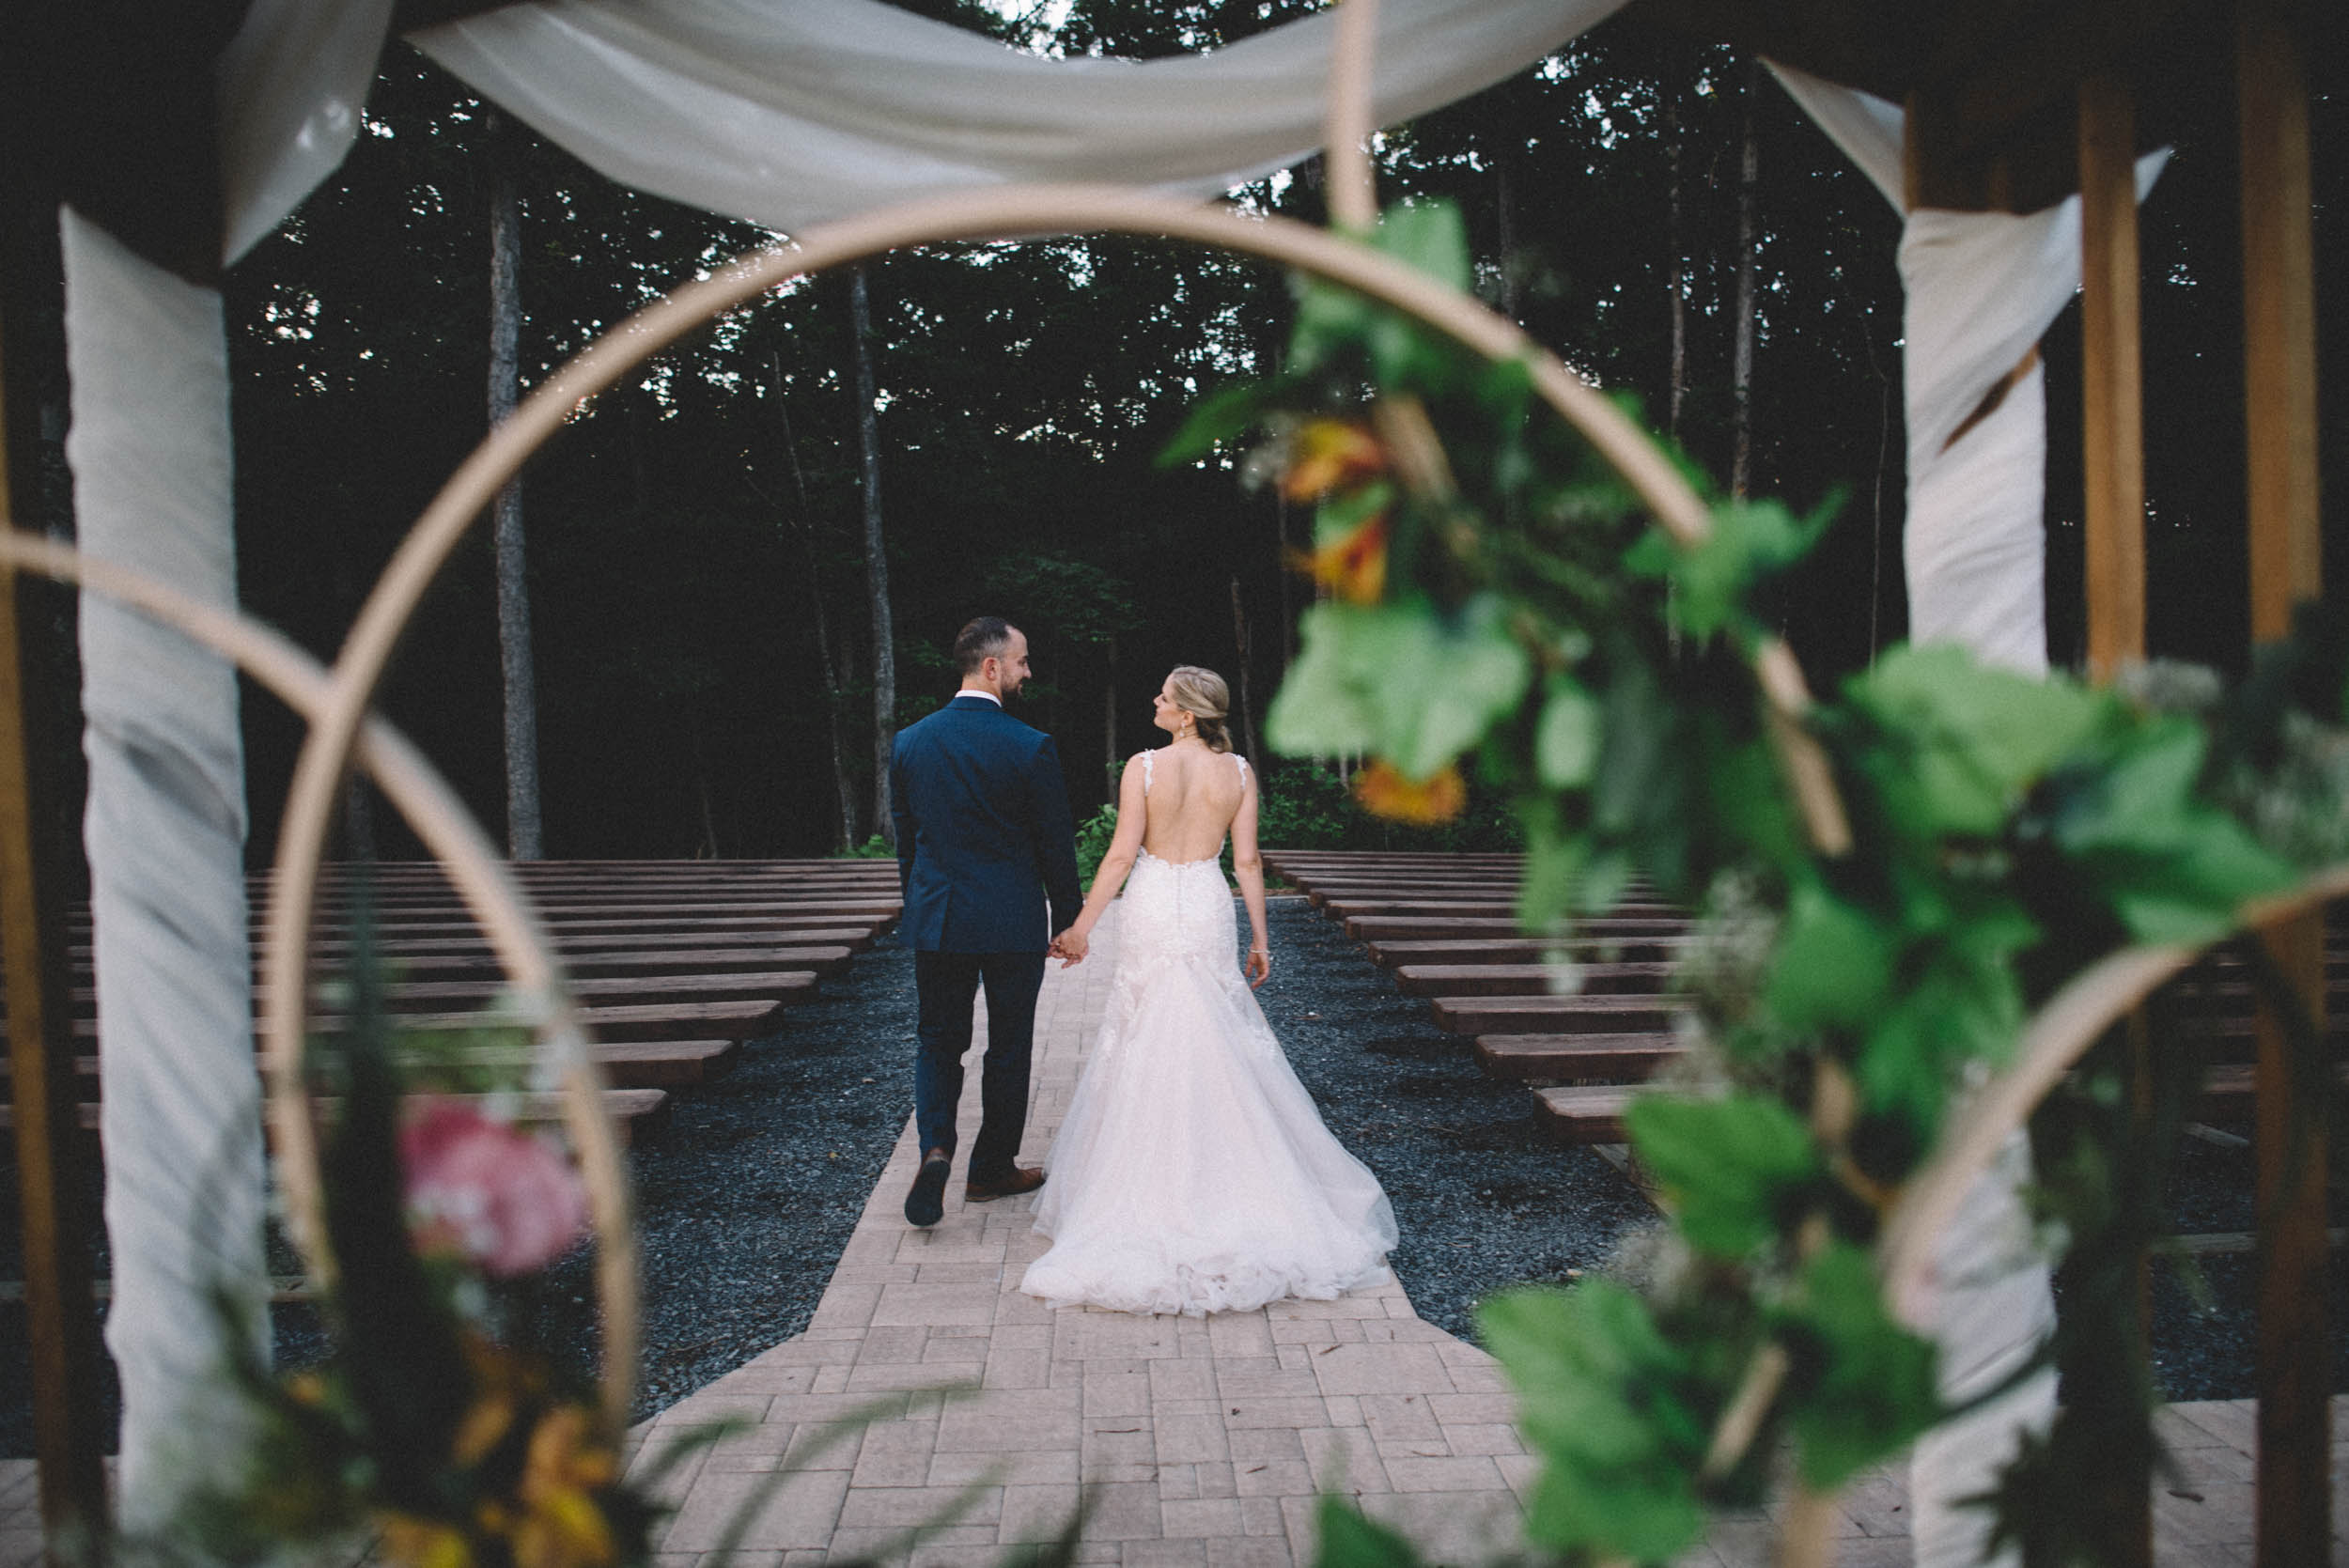 Wedding photographer at Shenandoah Woods